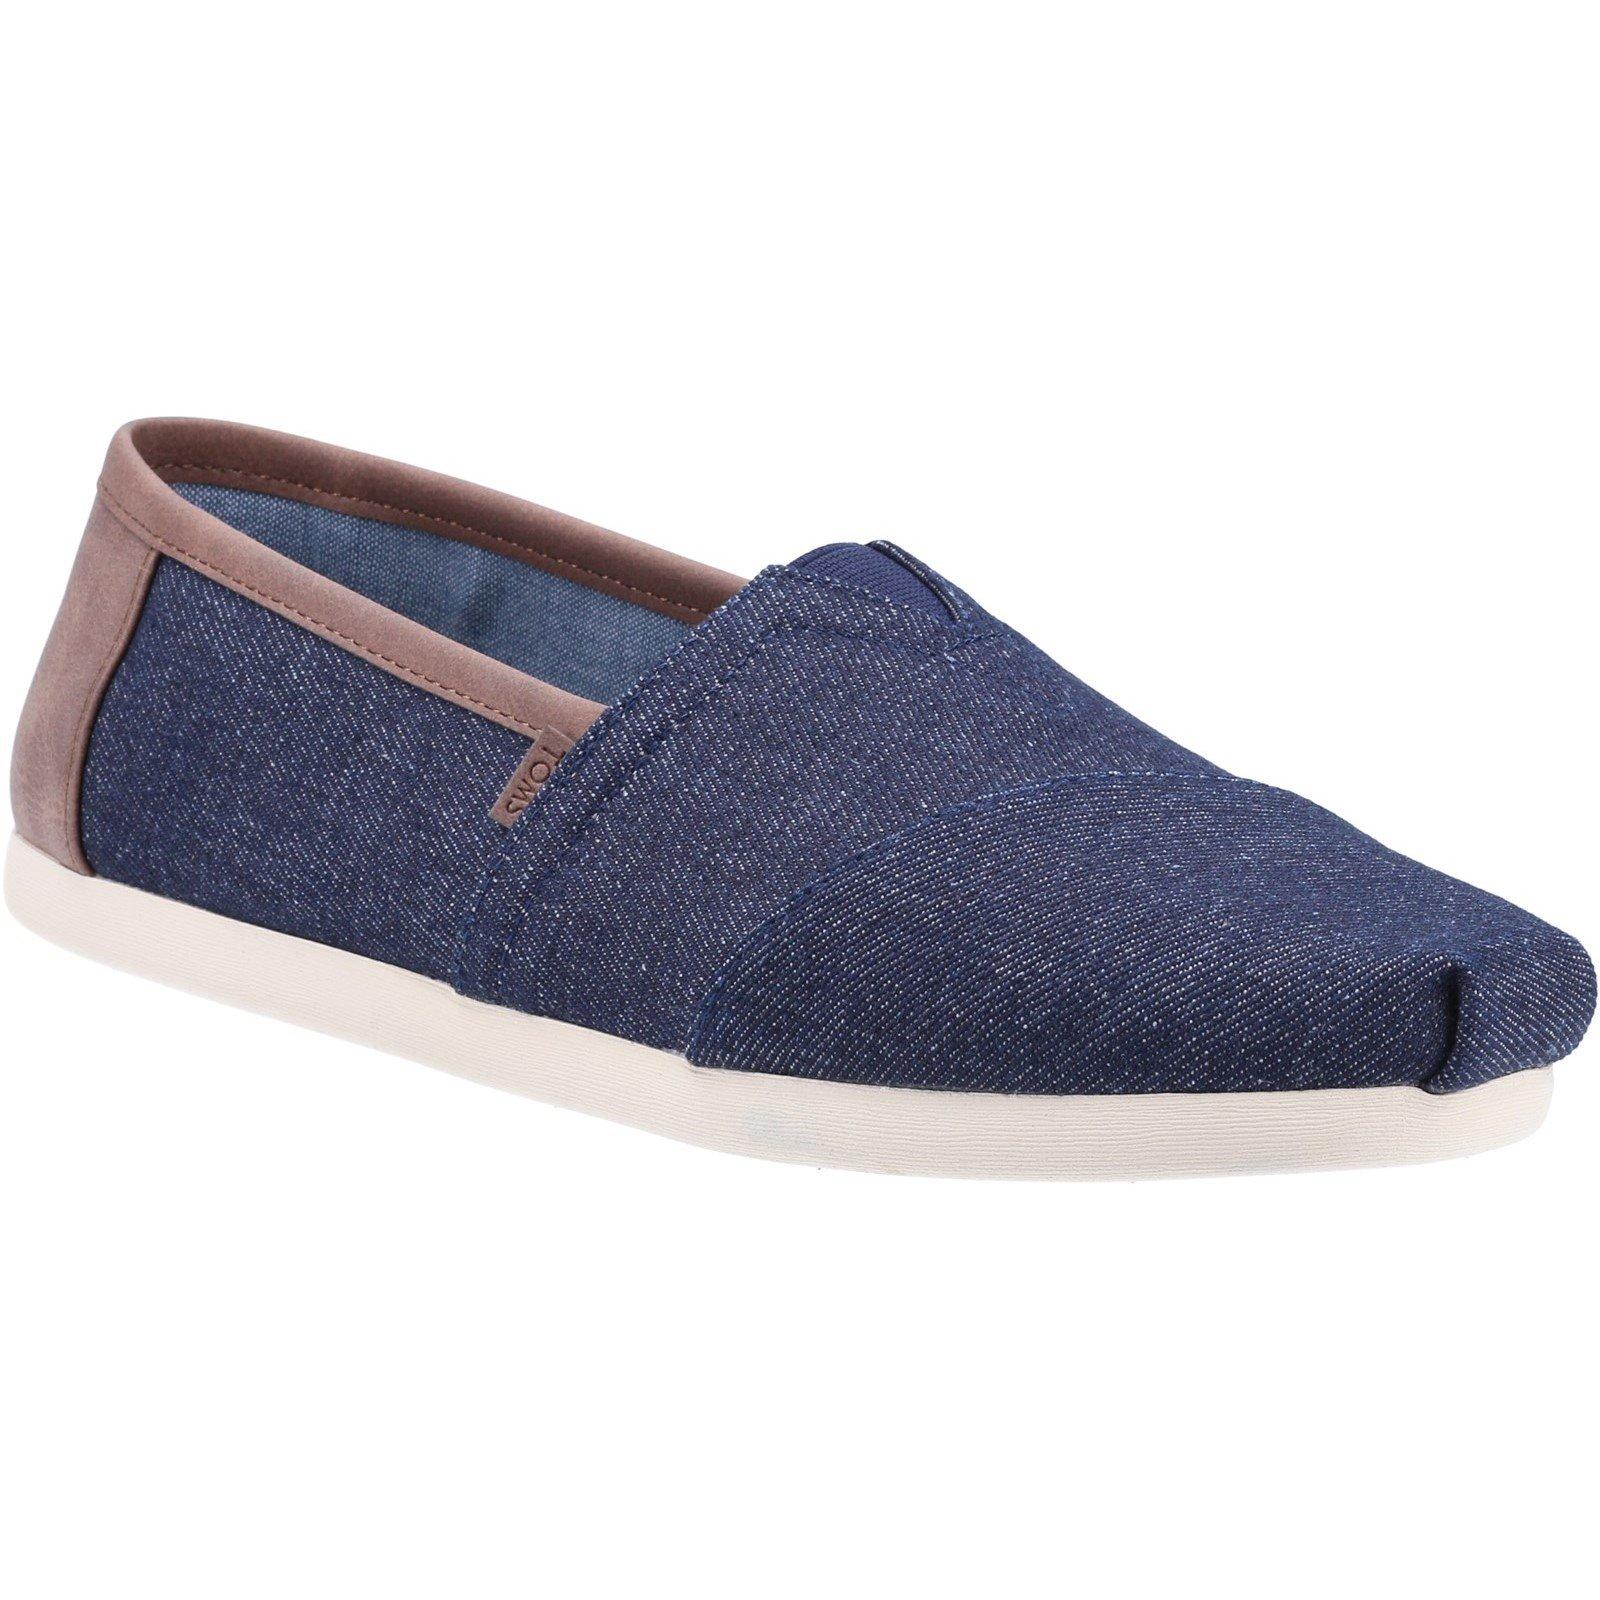 TOMS Men's Alpargata Dark Denim Trim Loafer Blue 32548 - Blue 8